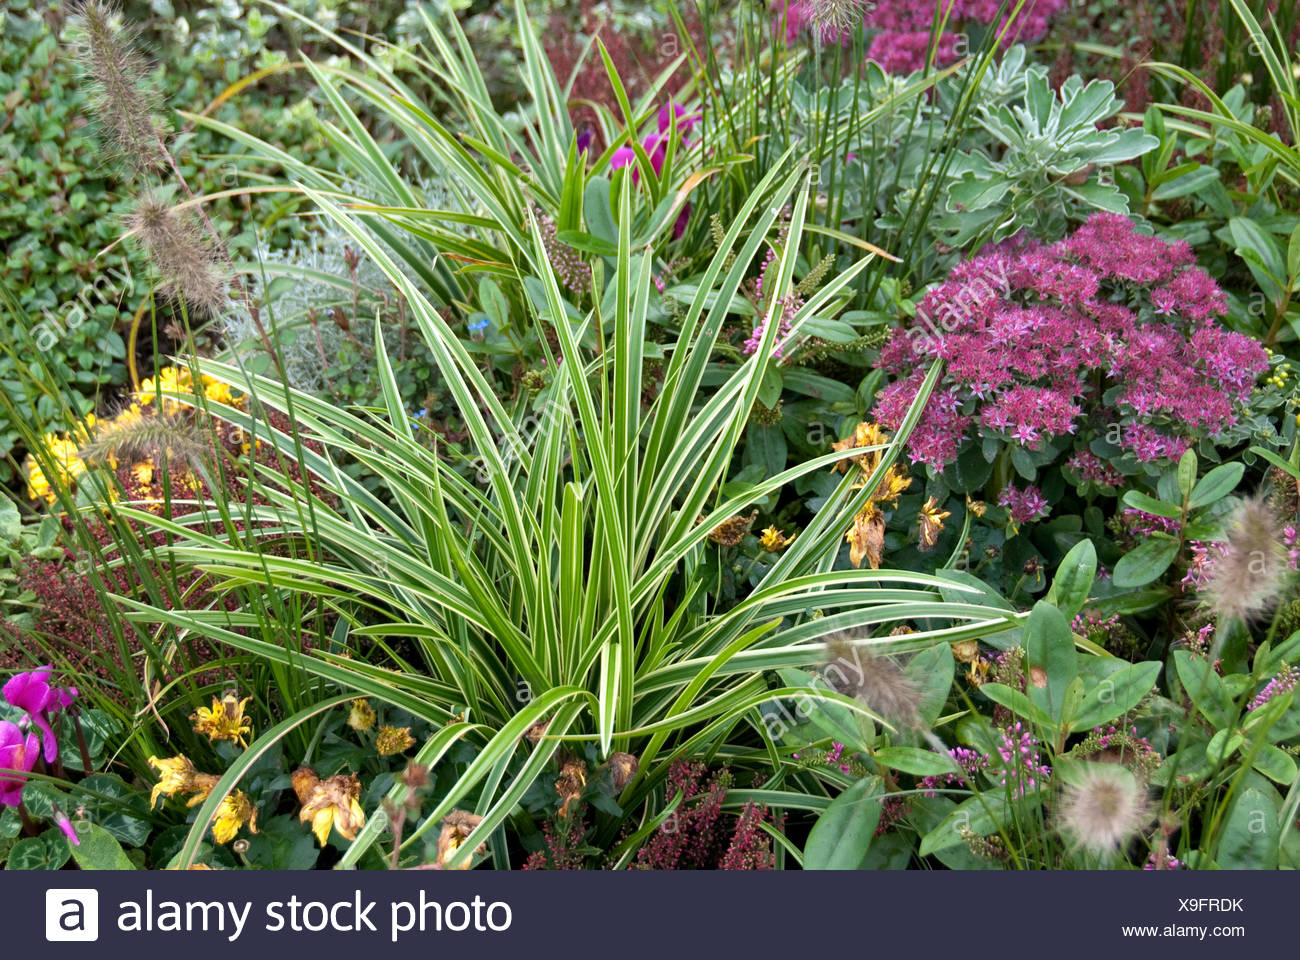 Goldband Carex (Carex morrowii 'Variegata', Carex morrowii Variegata), cultivar Variegata - Stock Image